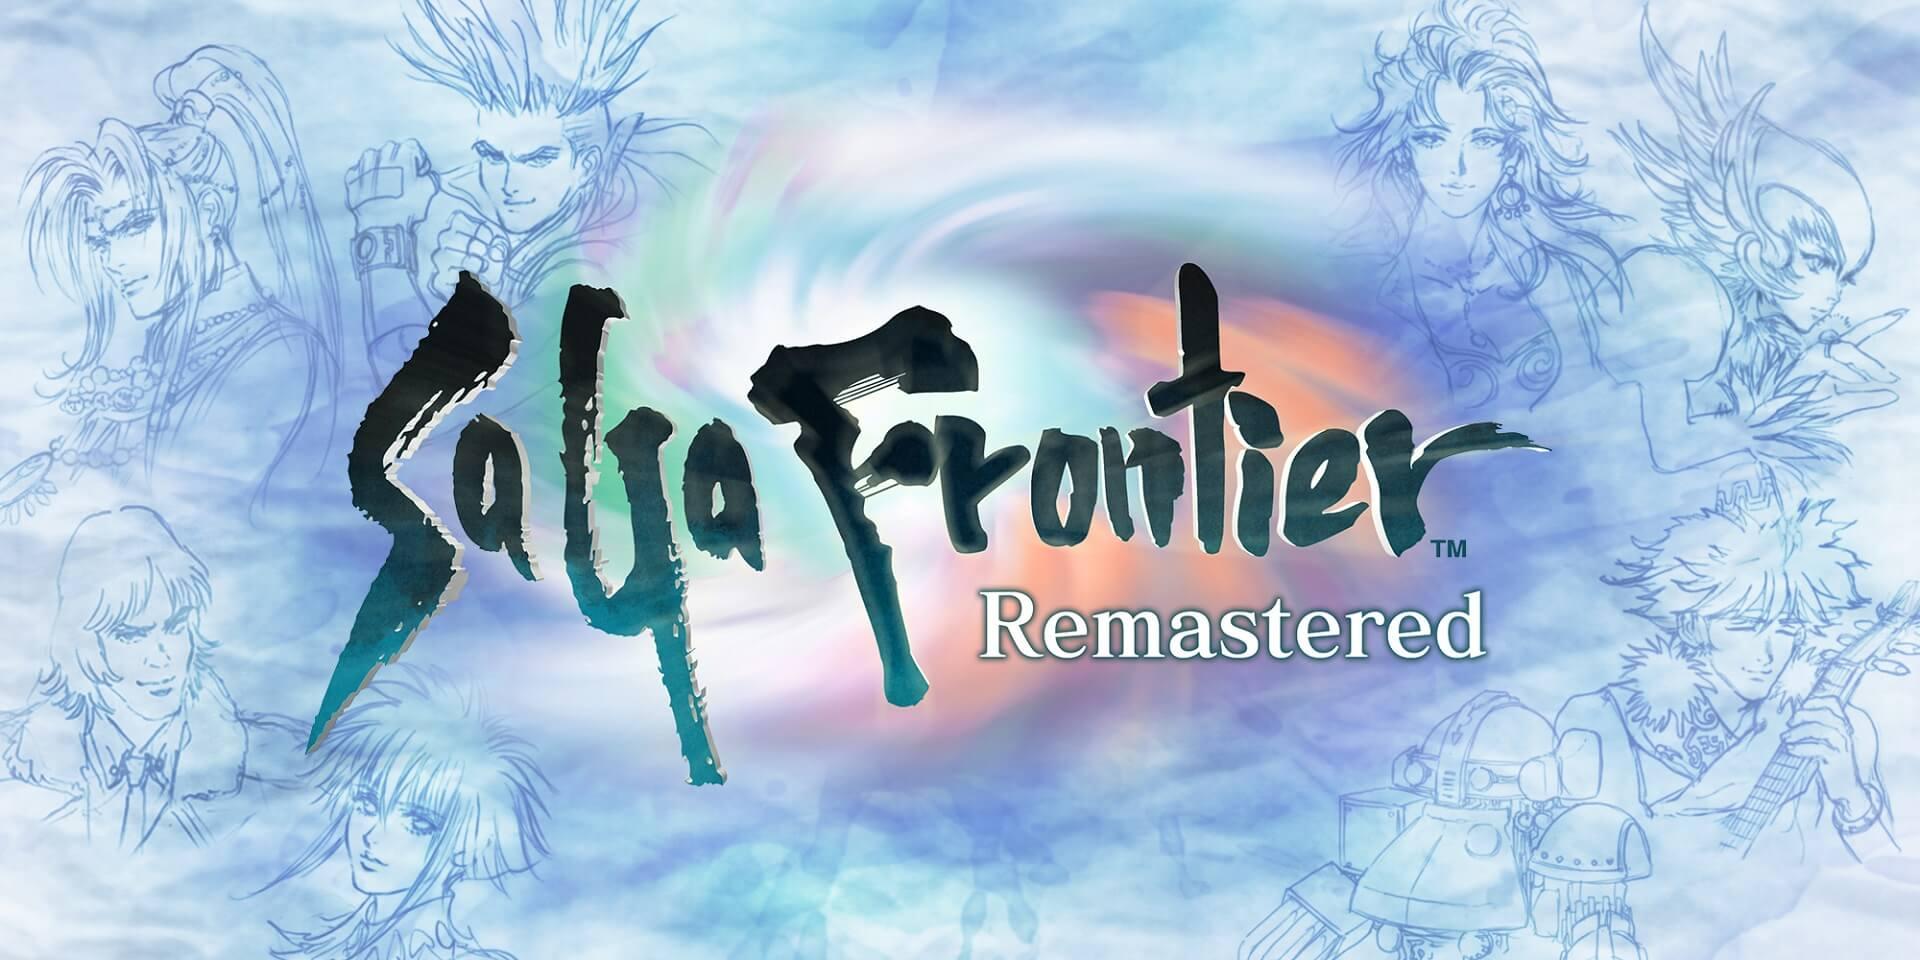 Saga Frontier Remaster: Endlich in Europa spielbar